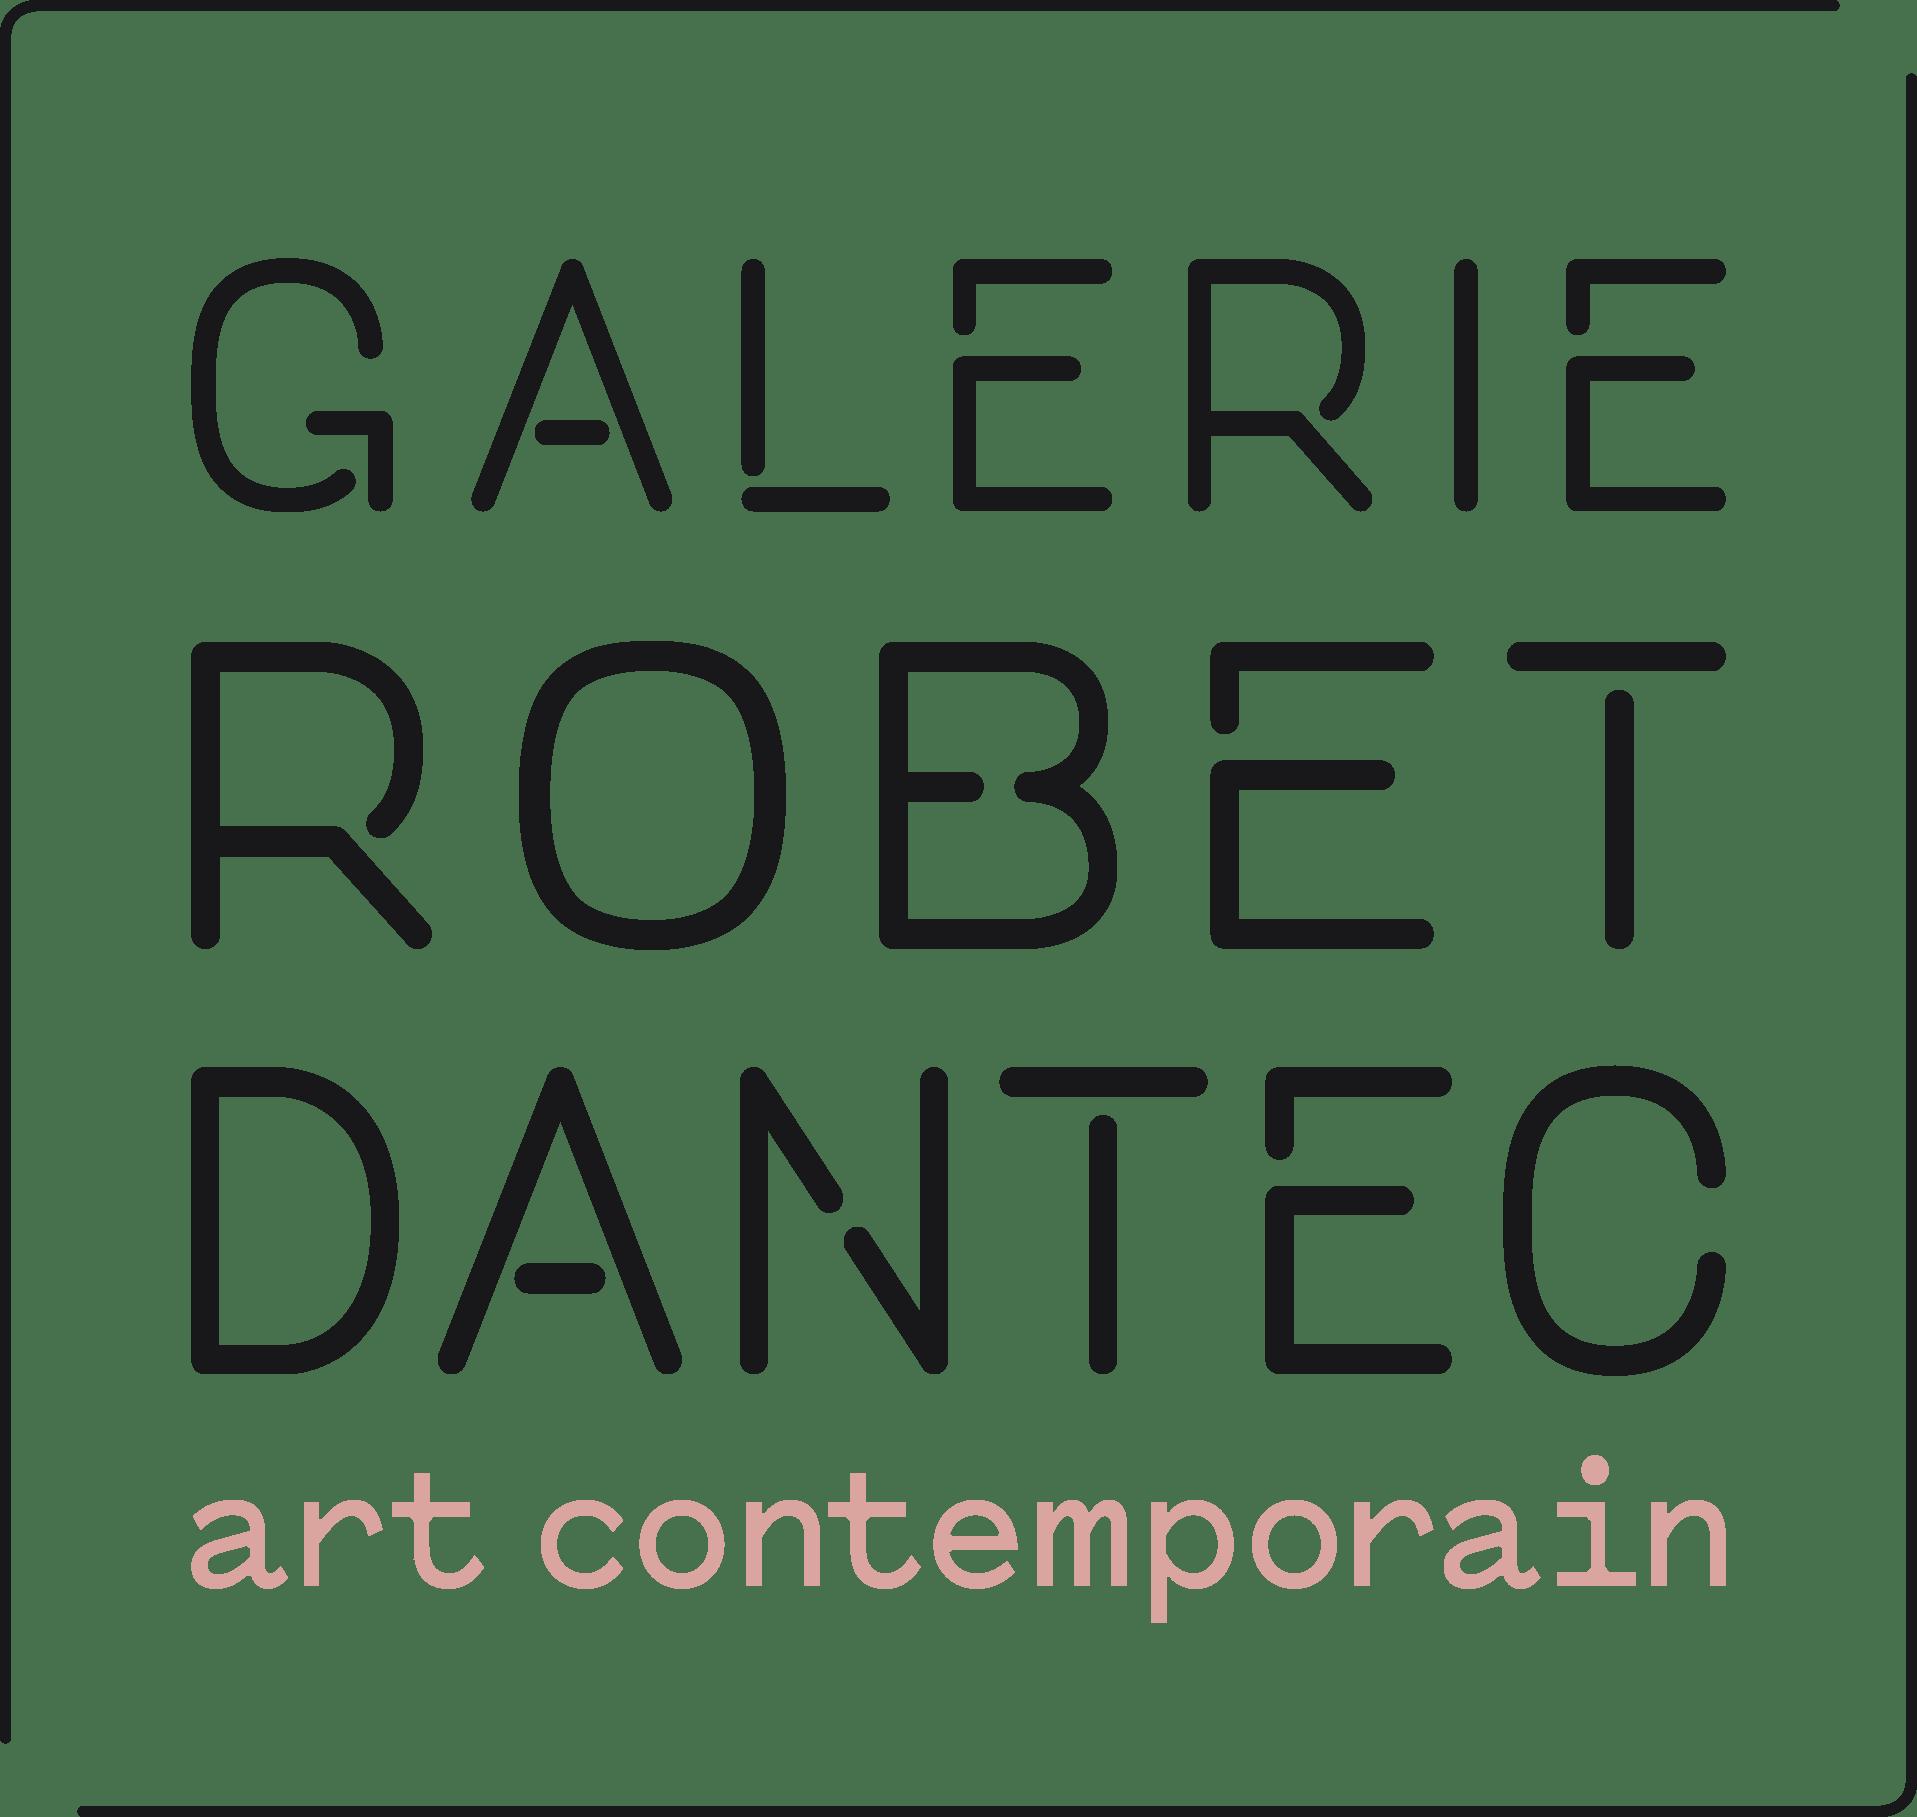 Galerie Robet Dantec